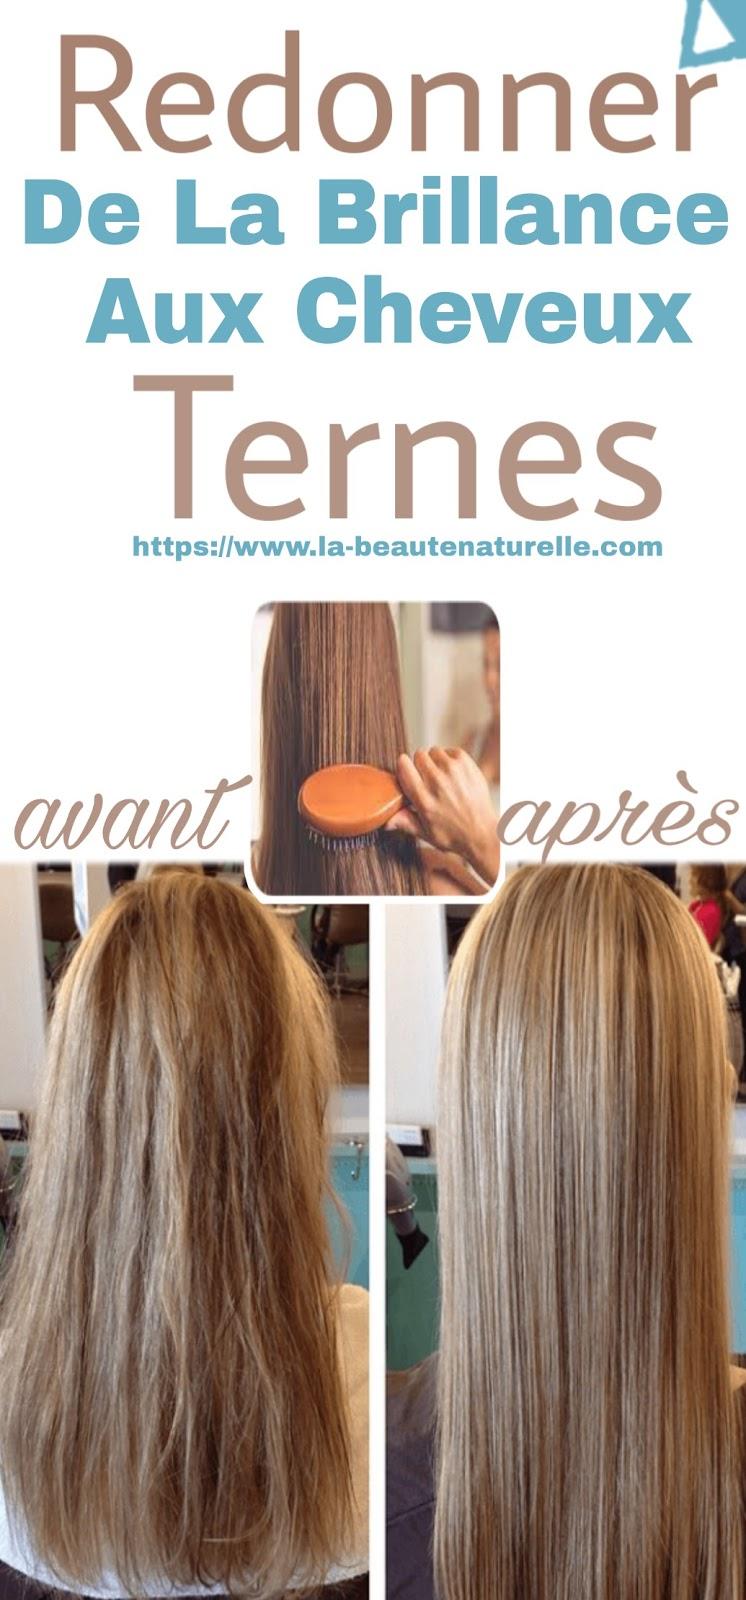 Redonner De La Brillance Aux Cheveux Ternes